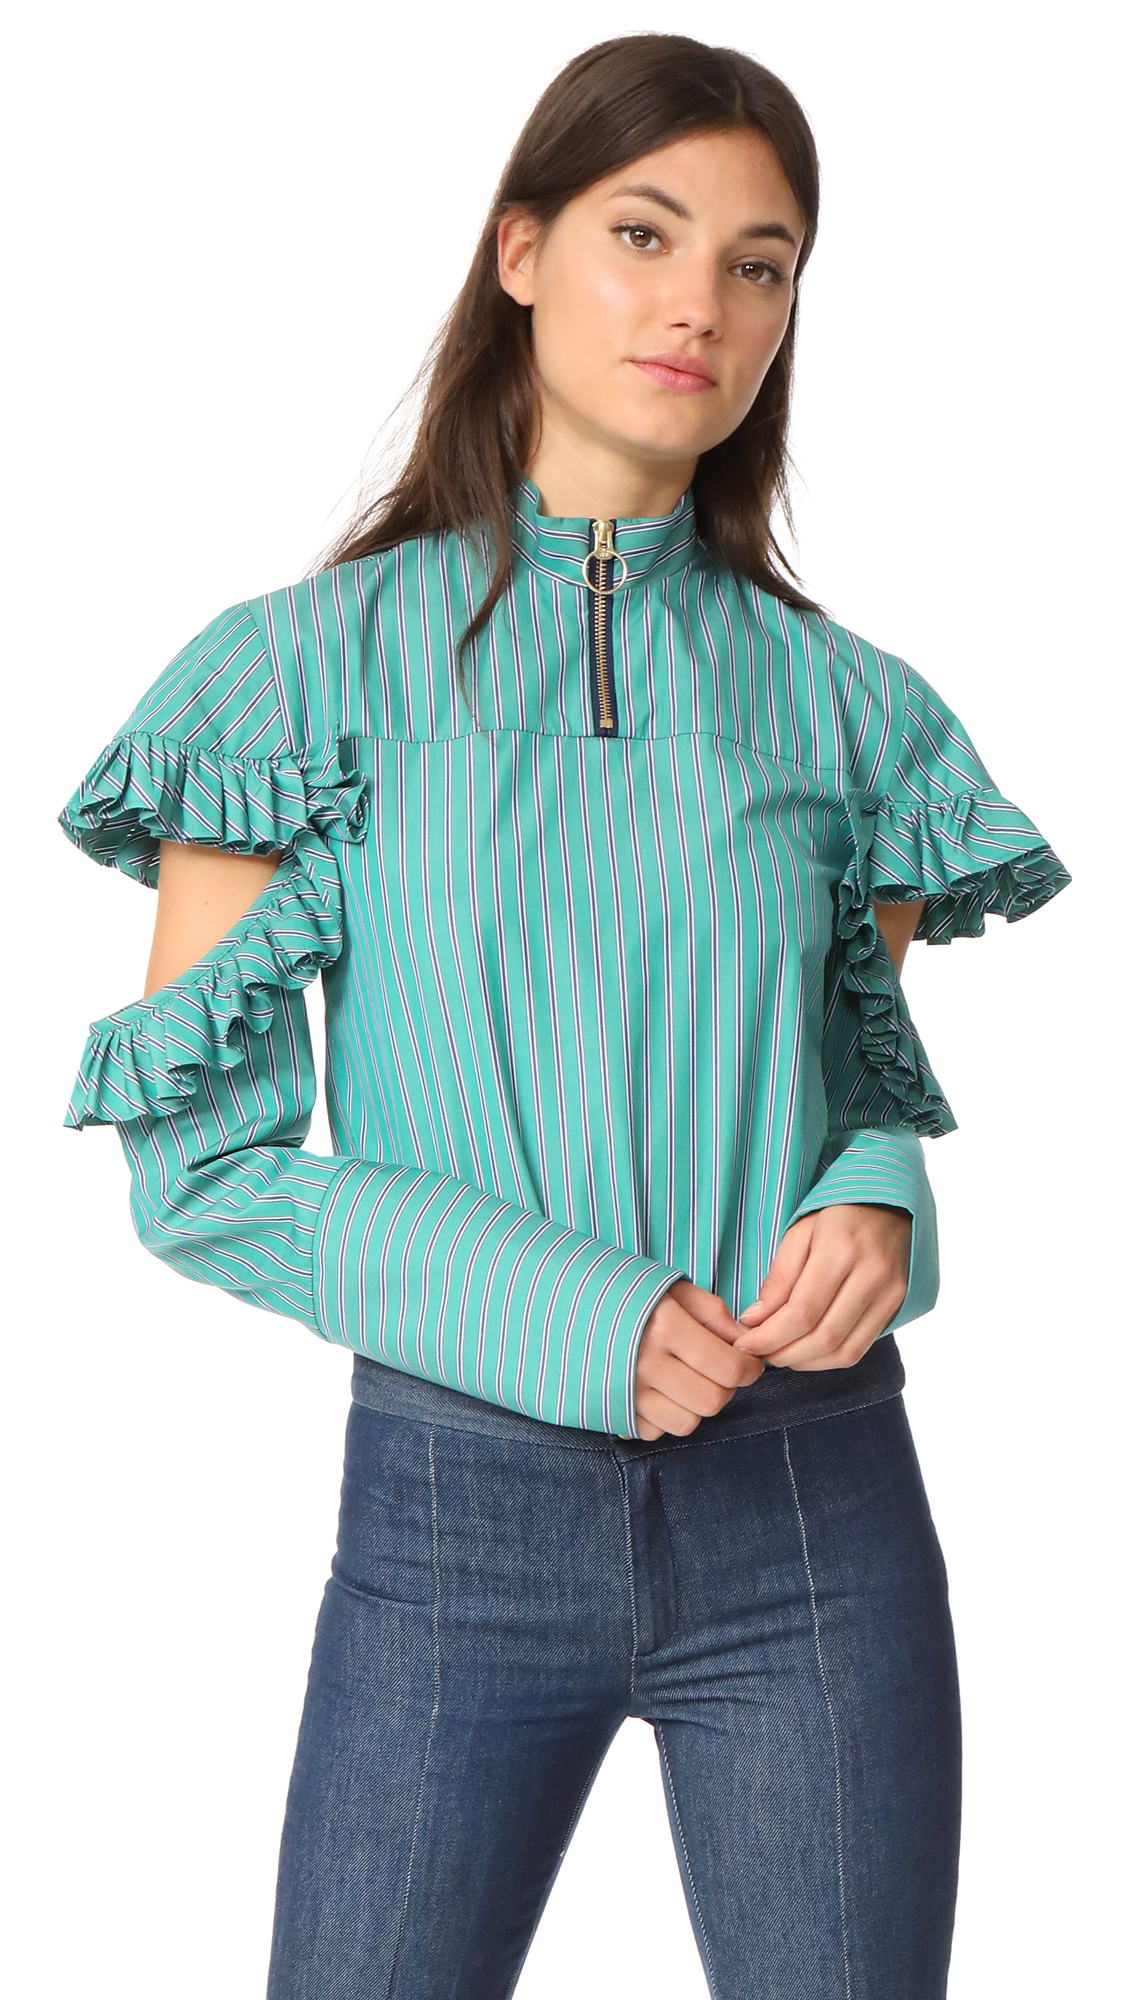 Maggie Marilyn Truth Teller Shirt - Green Stripe